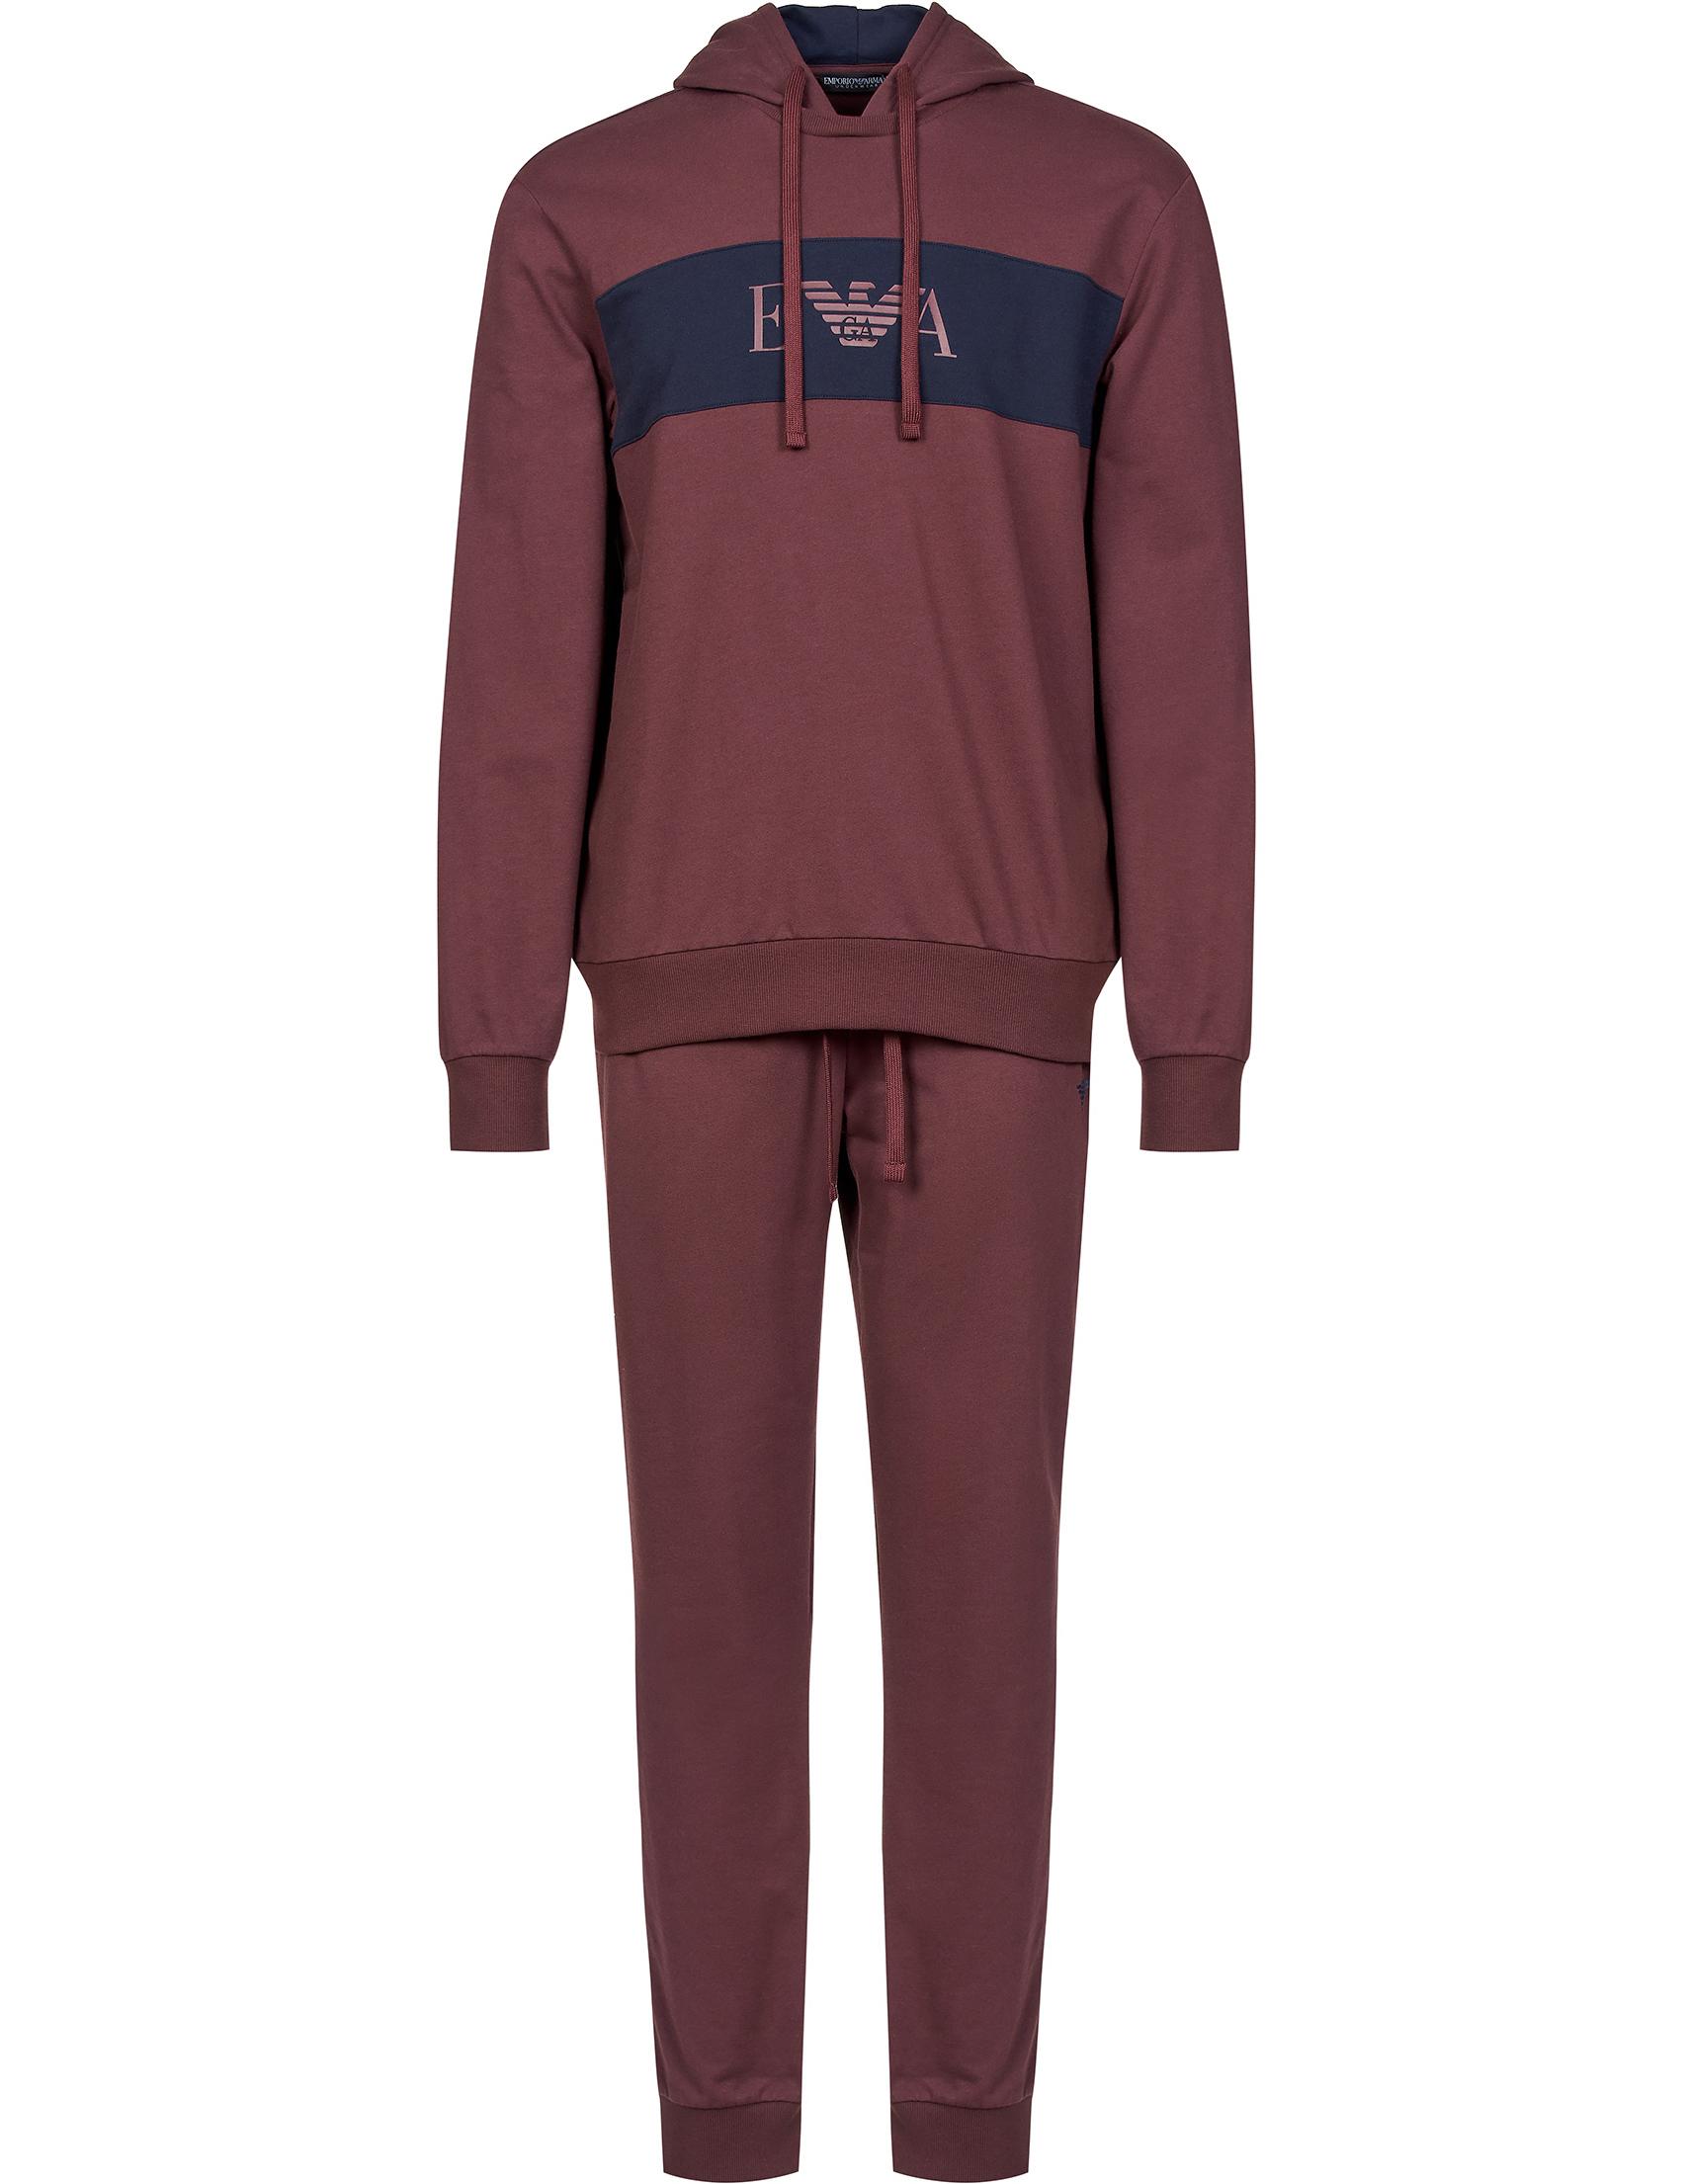 Купить Спортивные костюмы, Спортивный костюм, EMPORIO ARMANI, Бордовый, 60%Хлопок 40%Полиэстер, Осень-Зима